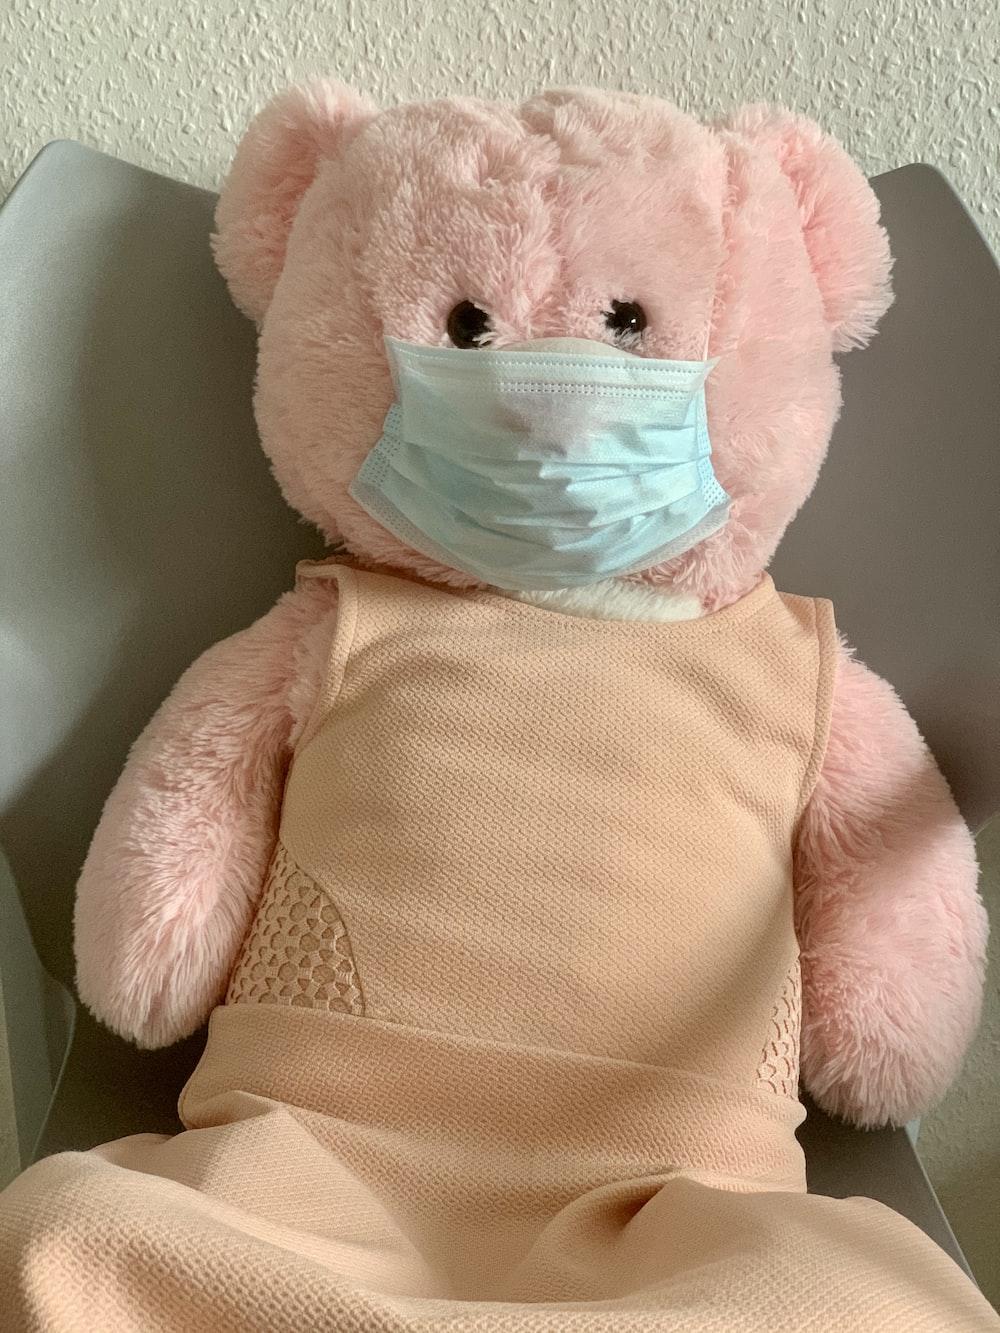 pink bear plush toy on white textile